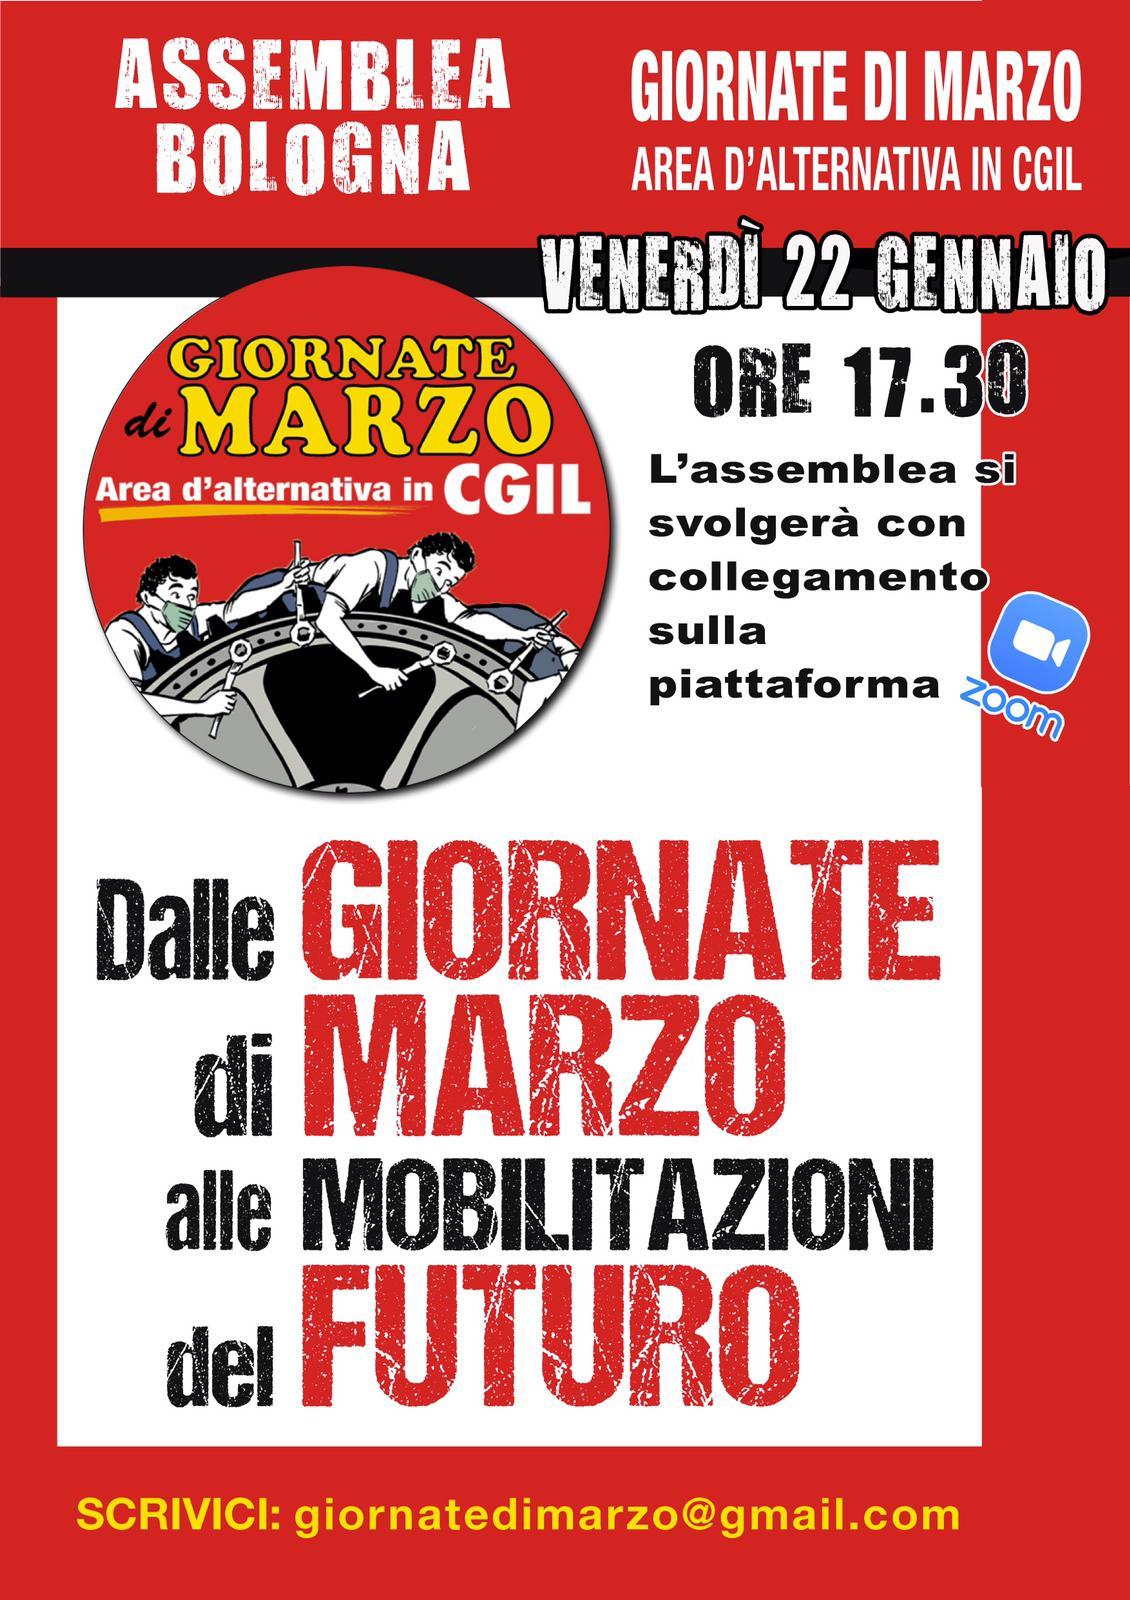 Presentazione dell'area Giornate di marzo a Bologna.